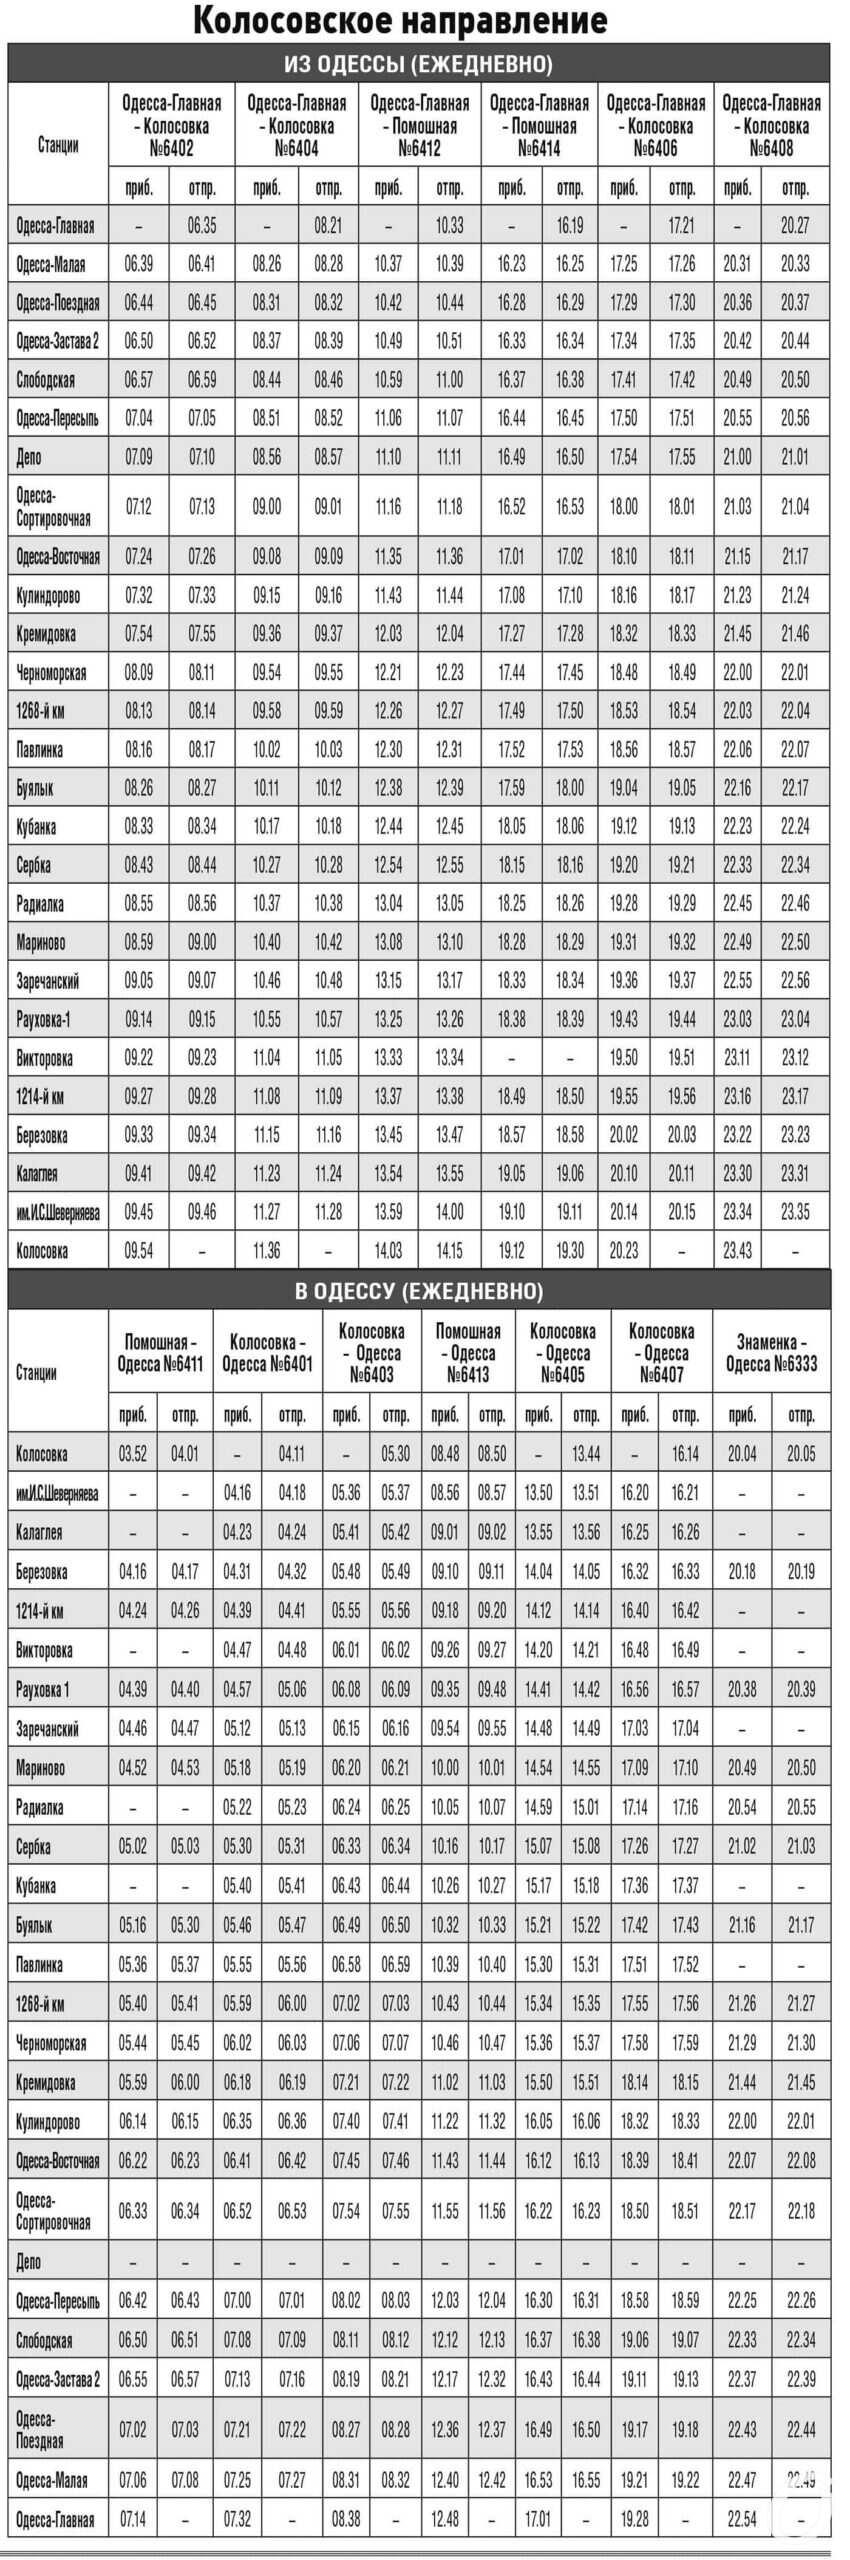 Расписание электропоездов Колосовка